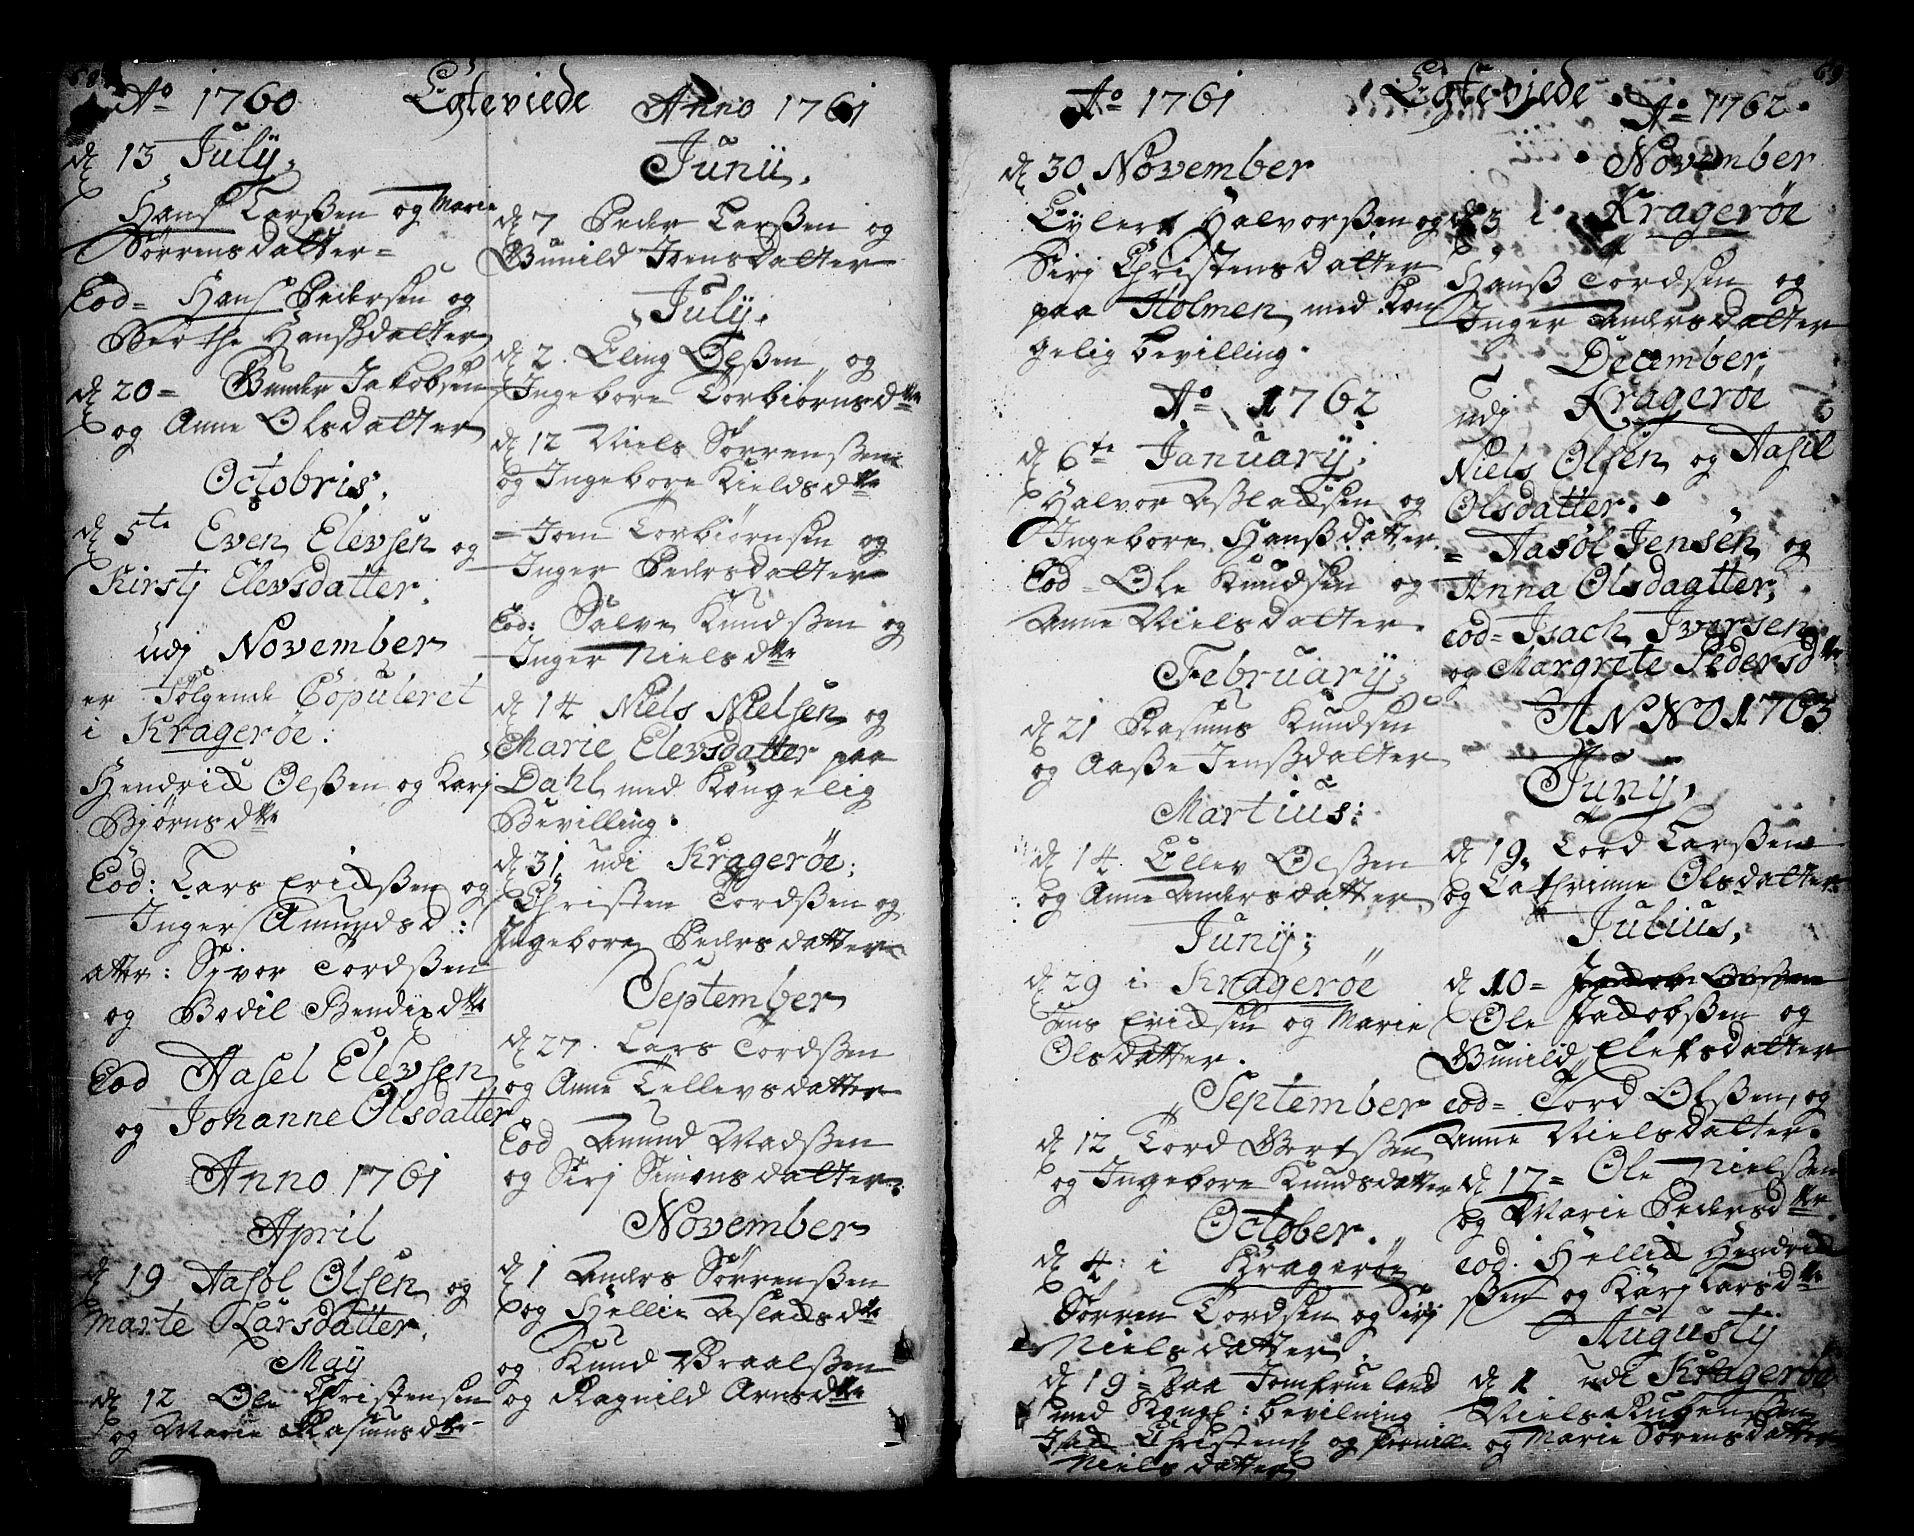 SAKO, Sannidal kirkebøker, F/Fa/L0001: Ministerialbok nr. 1, 1702-1766, s. 68-69